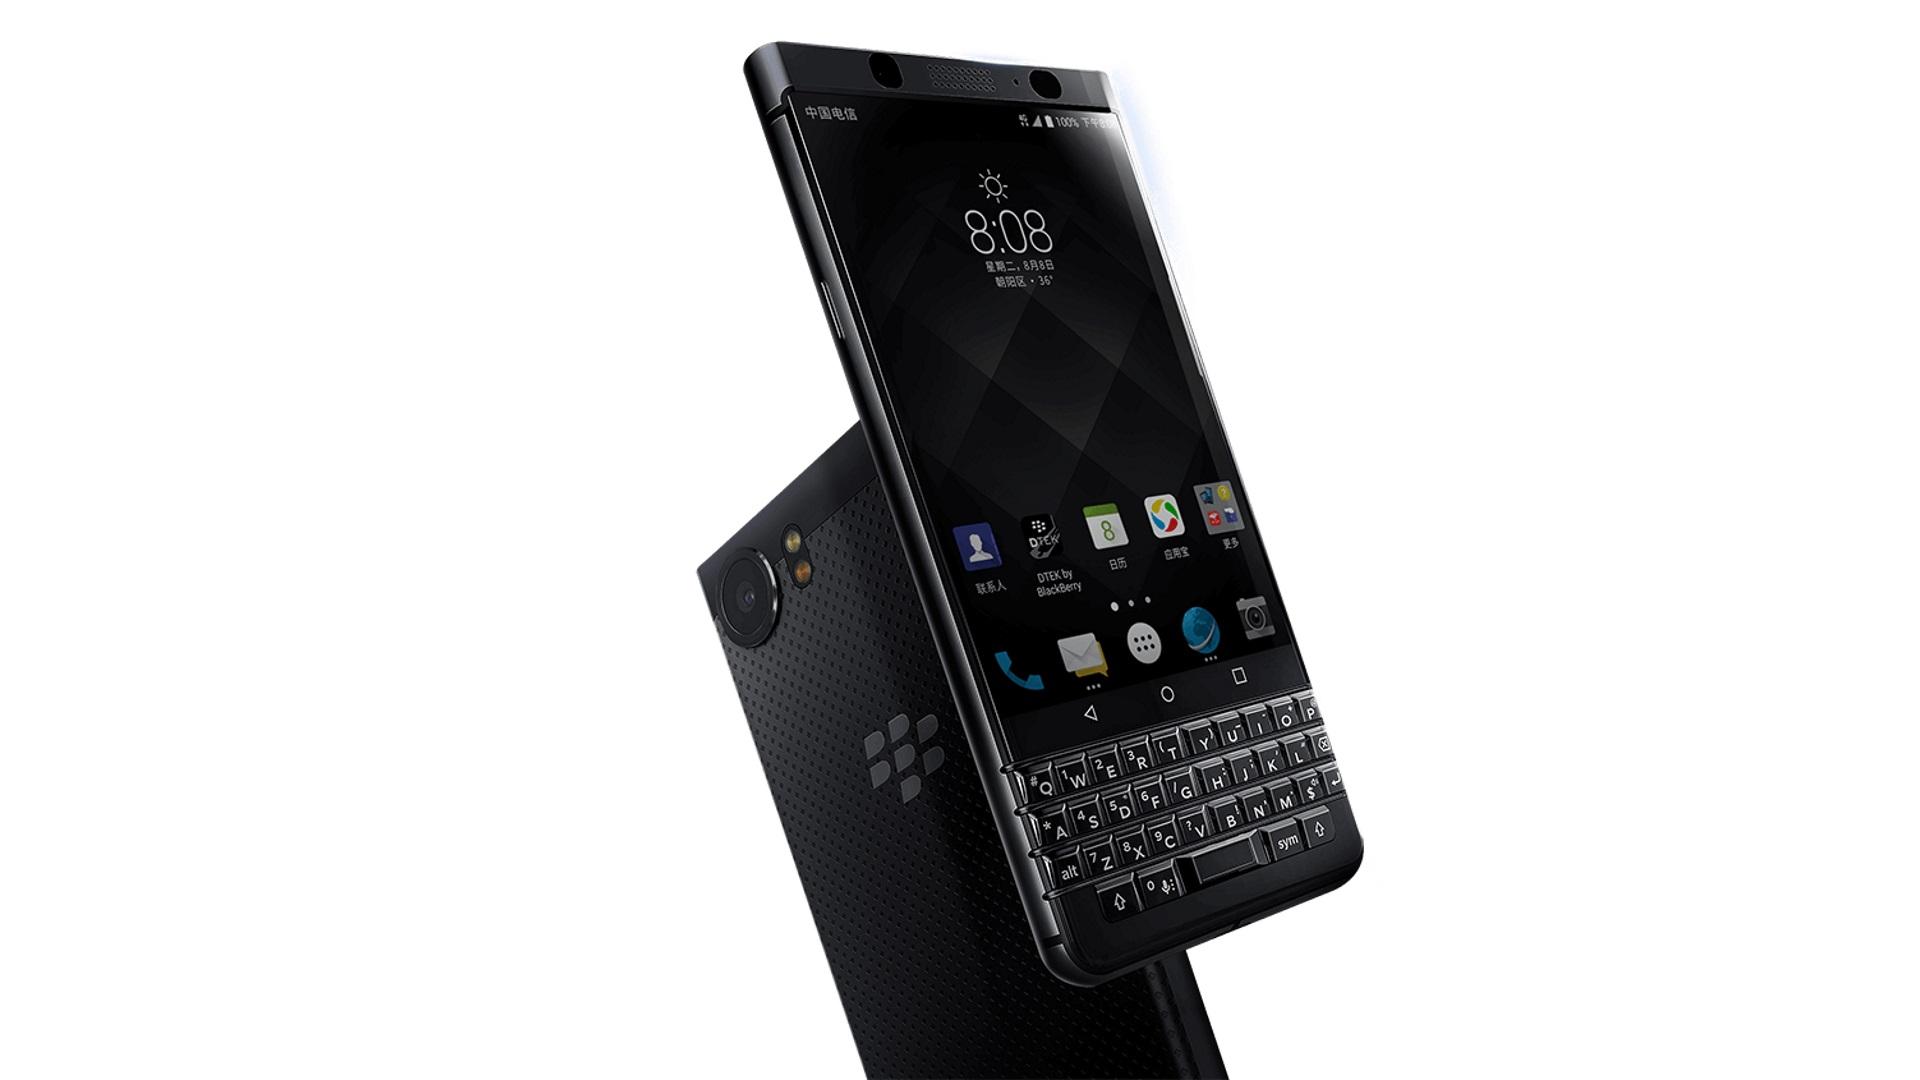 中国で「BlackBerry KEYone(BBB100-4)」が発売、2色展開で4GB RAM搭載